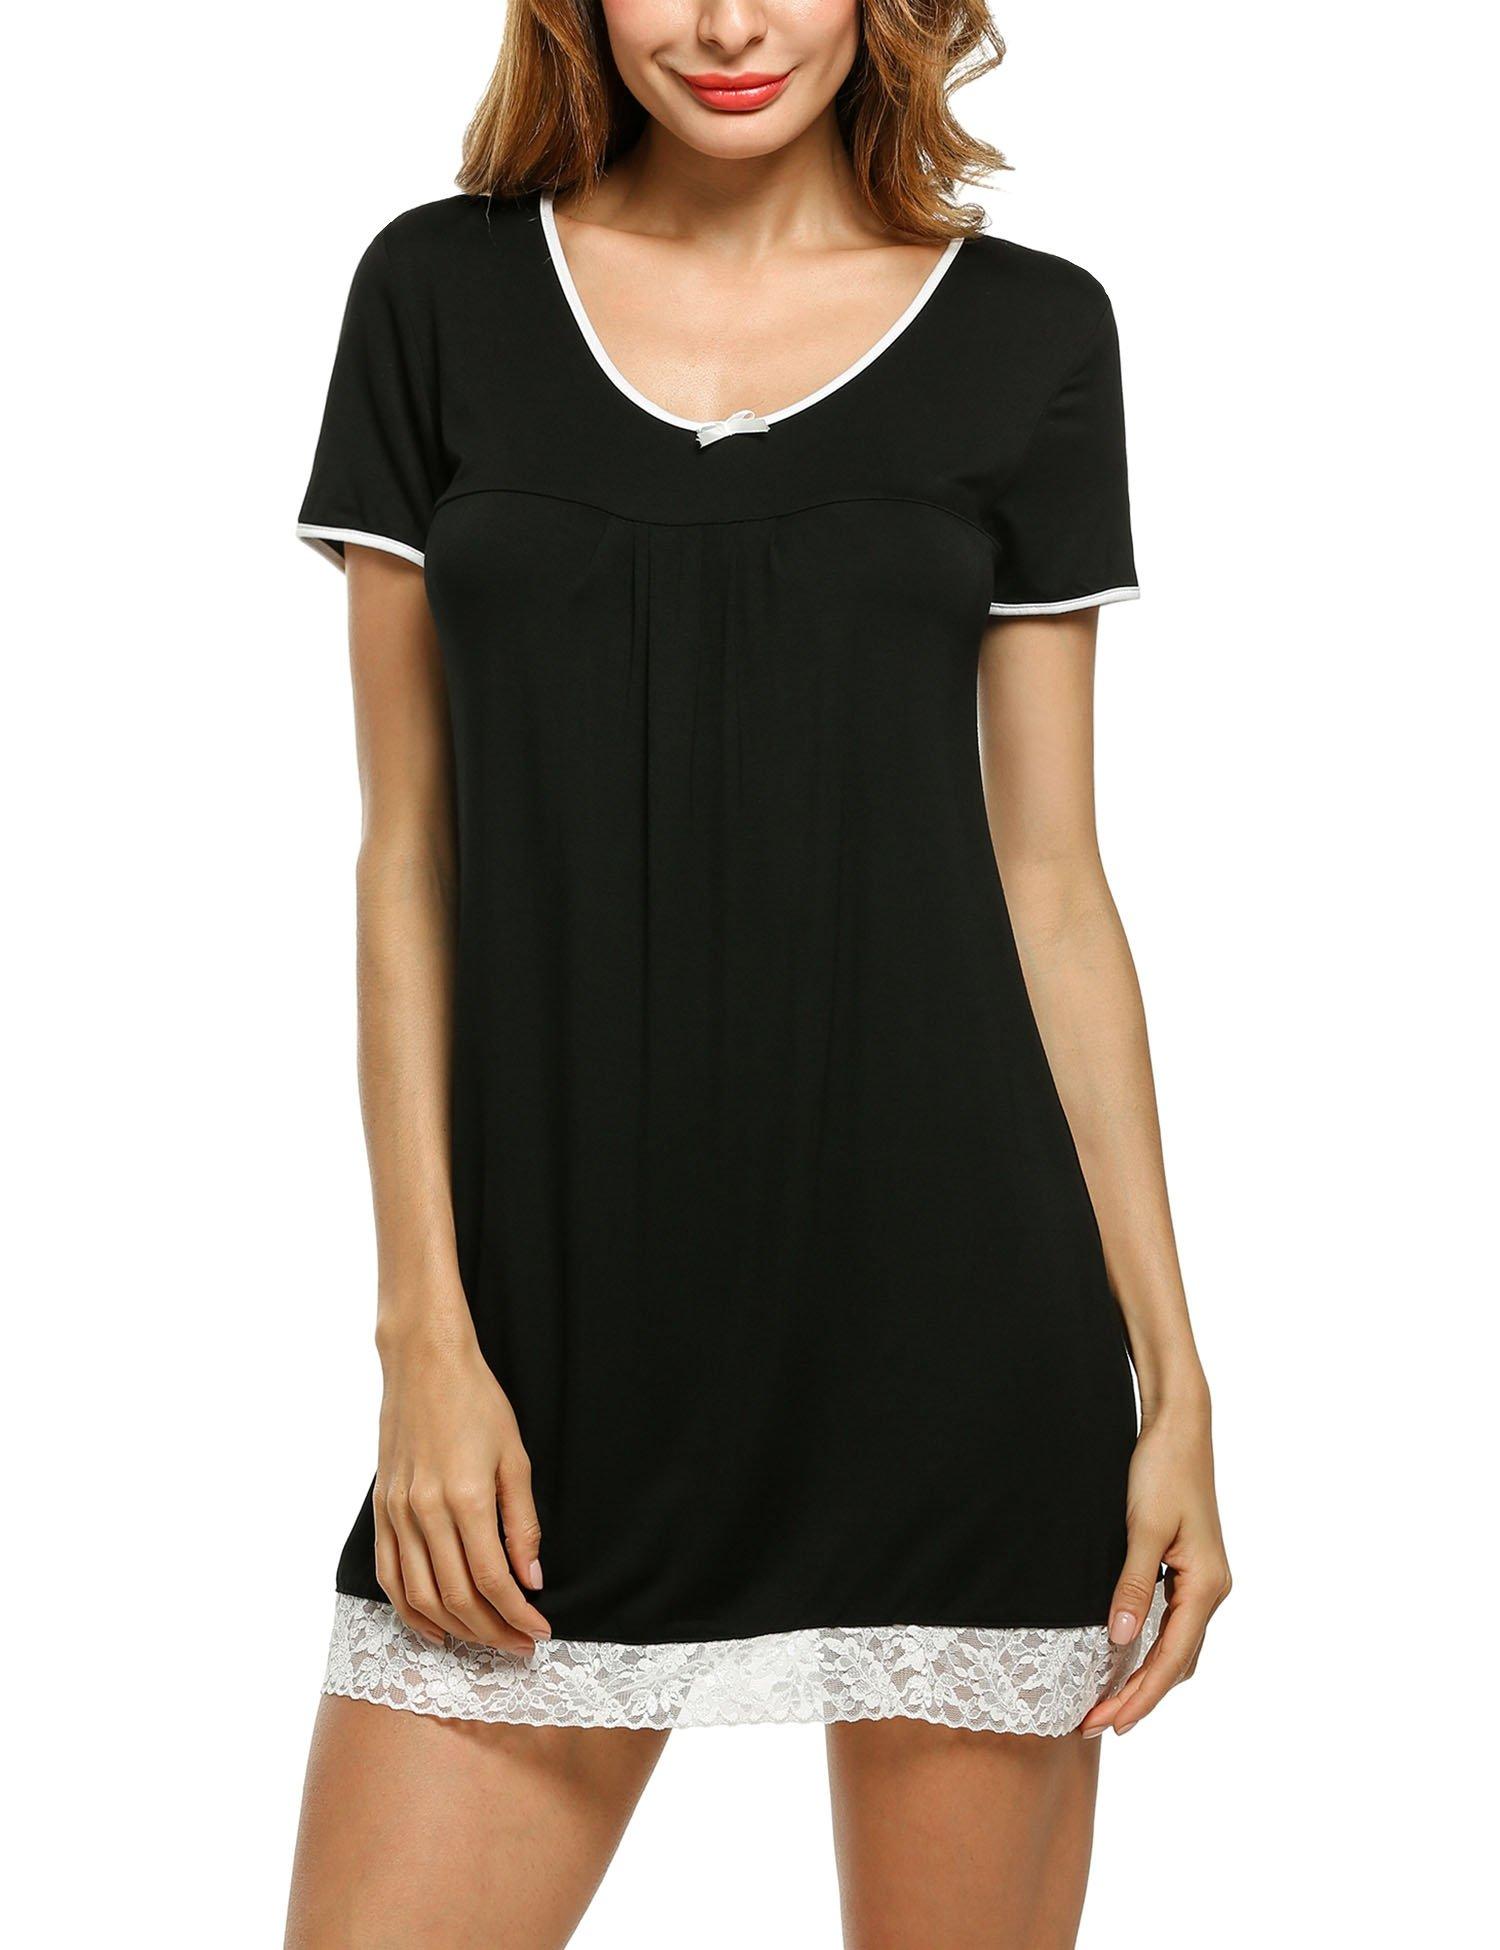 Hotouch Women's Nightgown Cotton Nightwear Loose Short Sleeve Sleepwear Black L